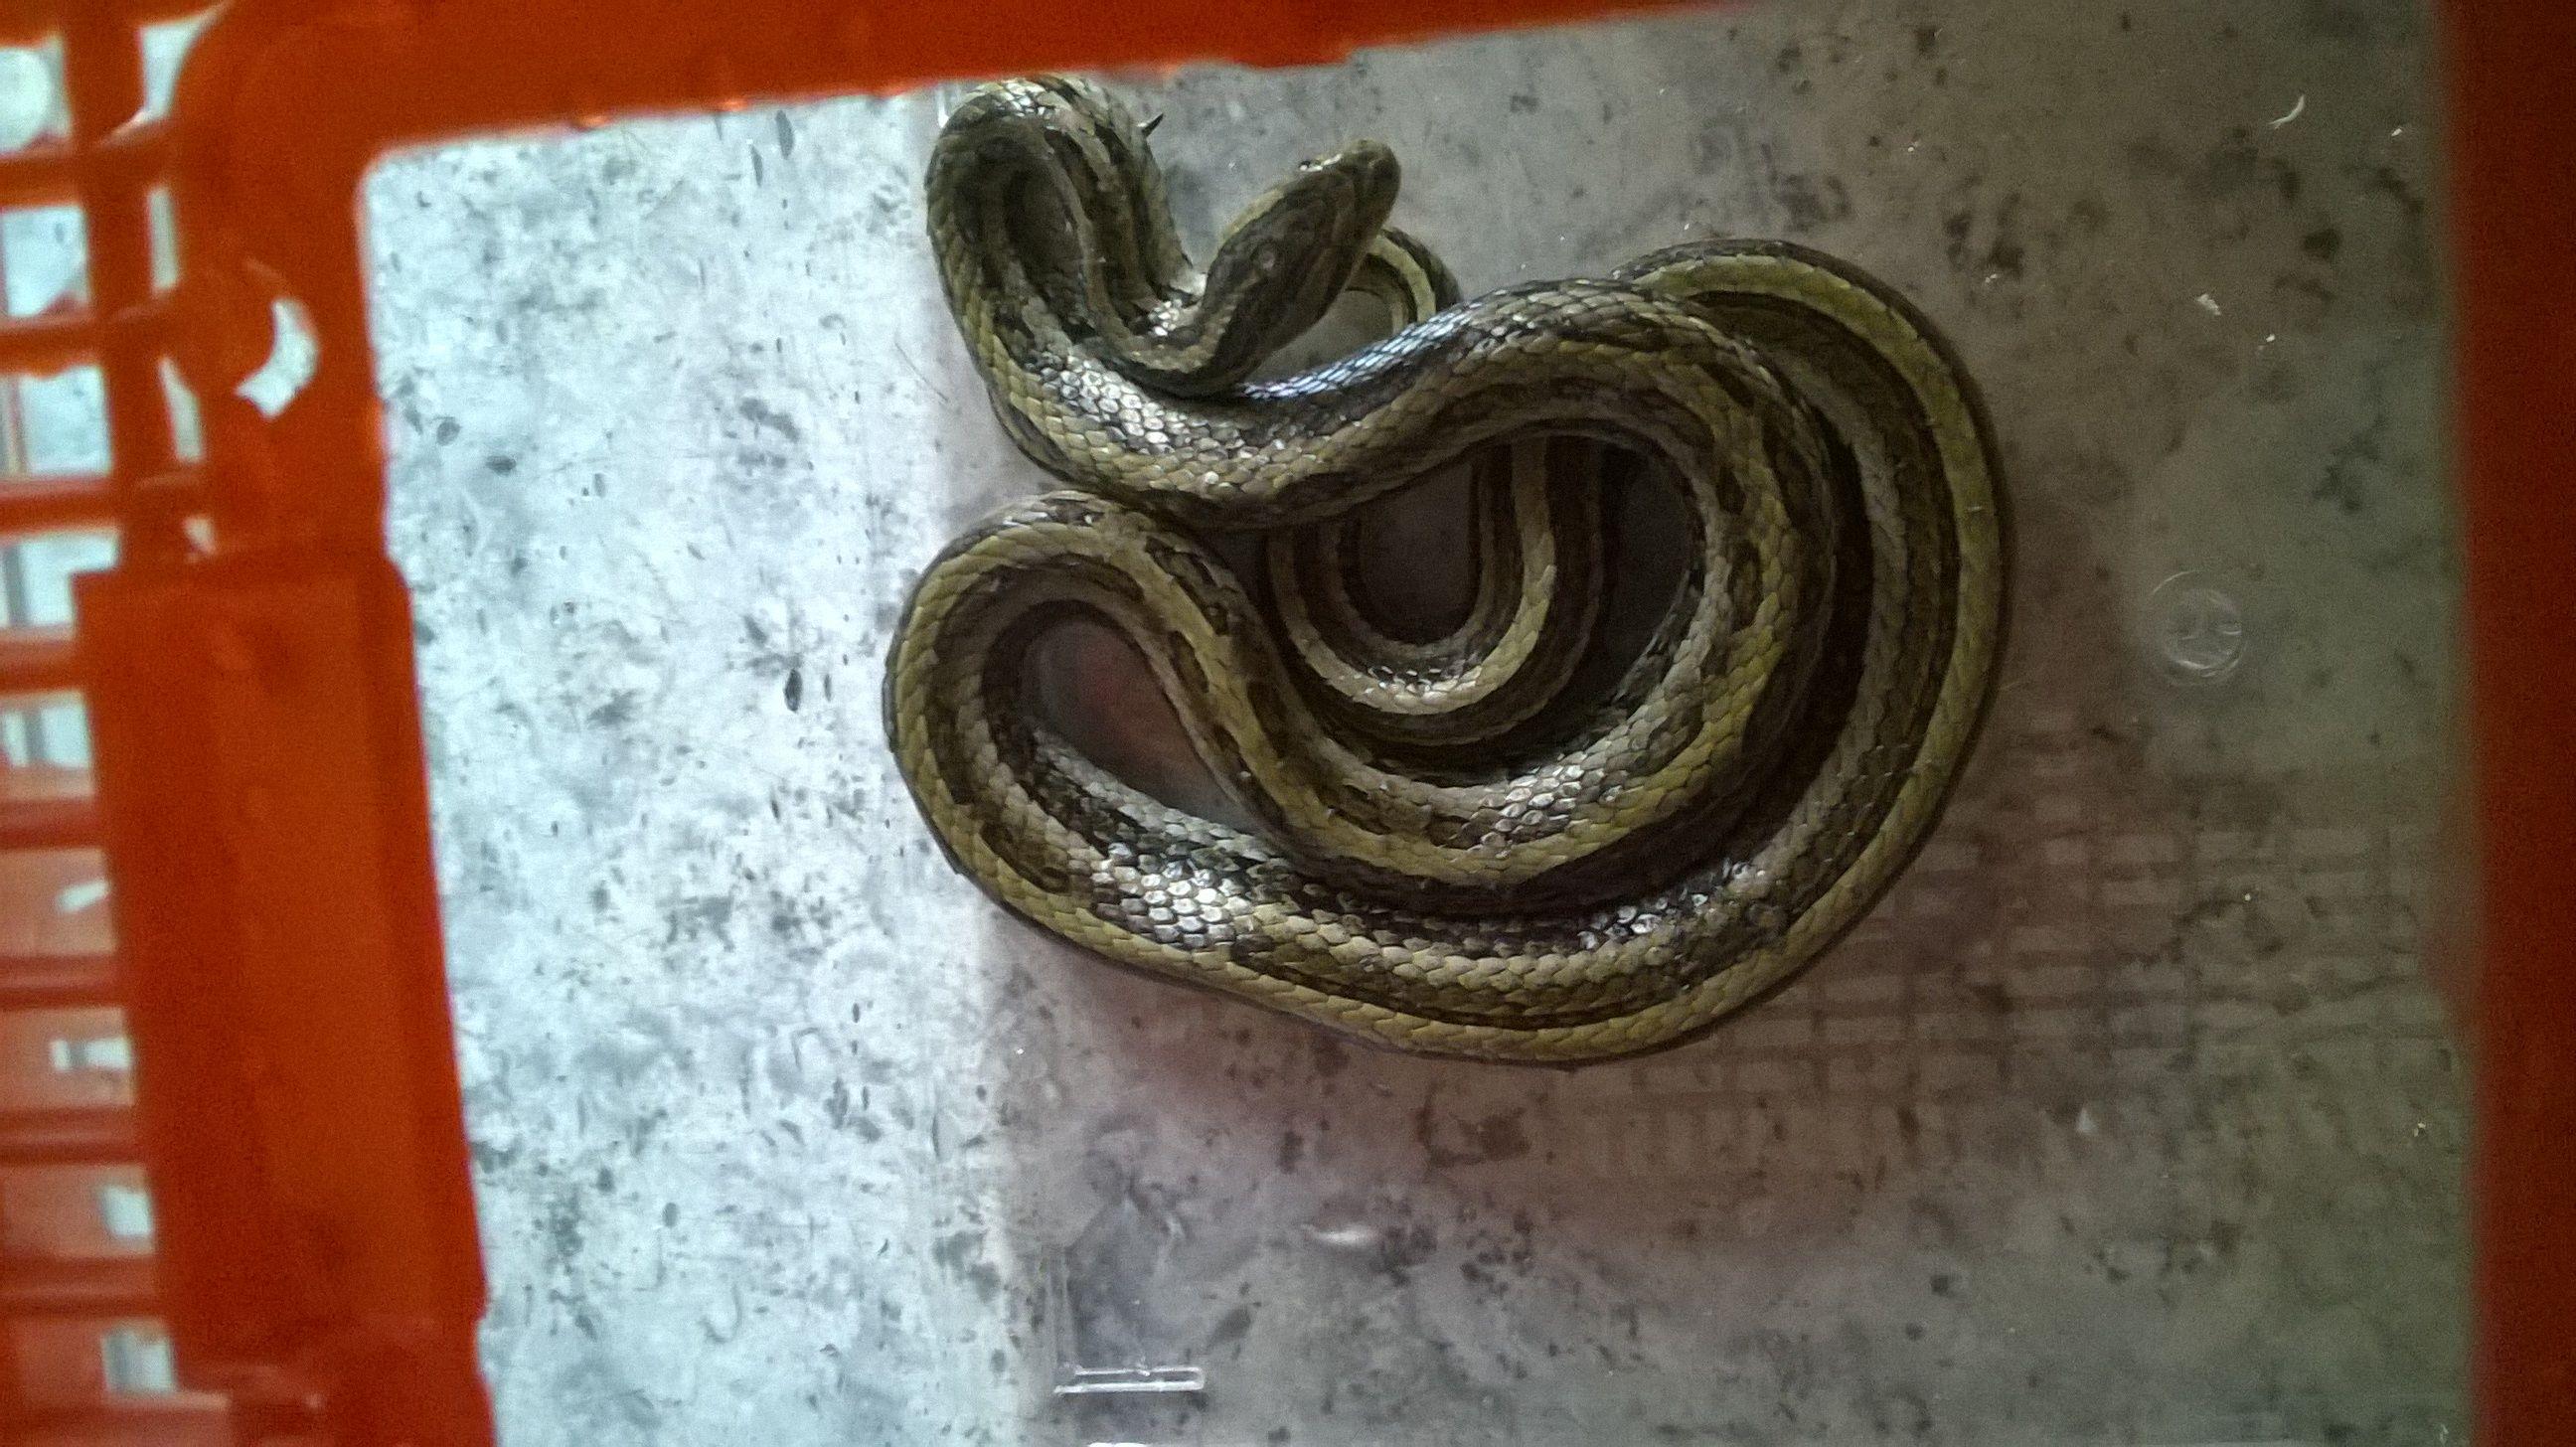 宠物蛇的问题,是什么品种呢?